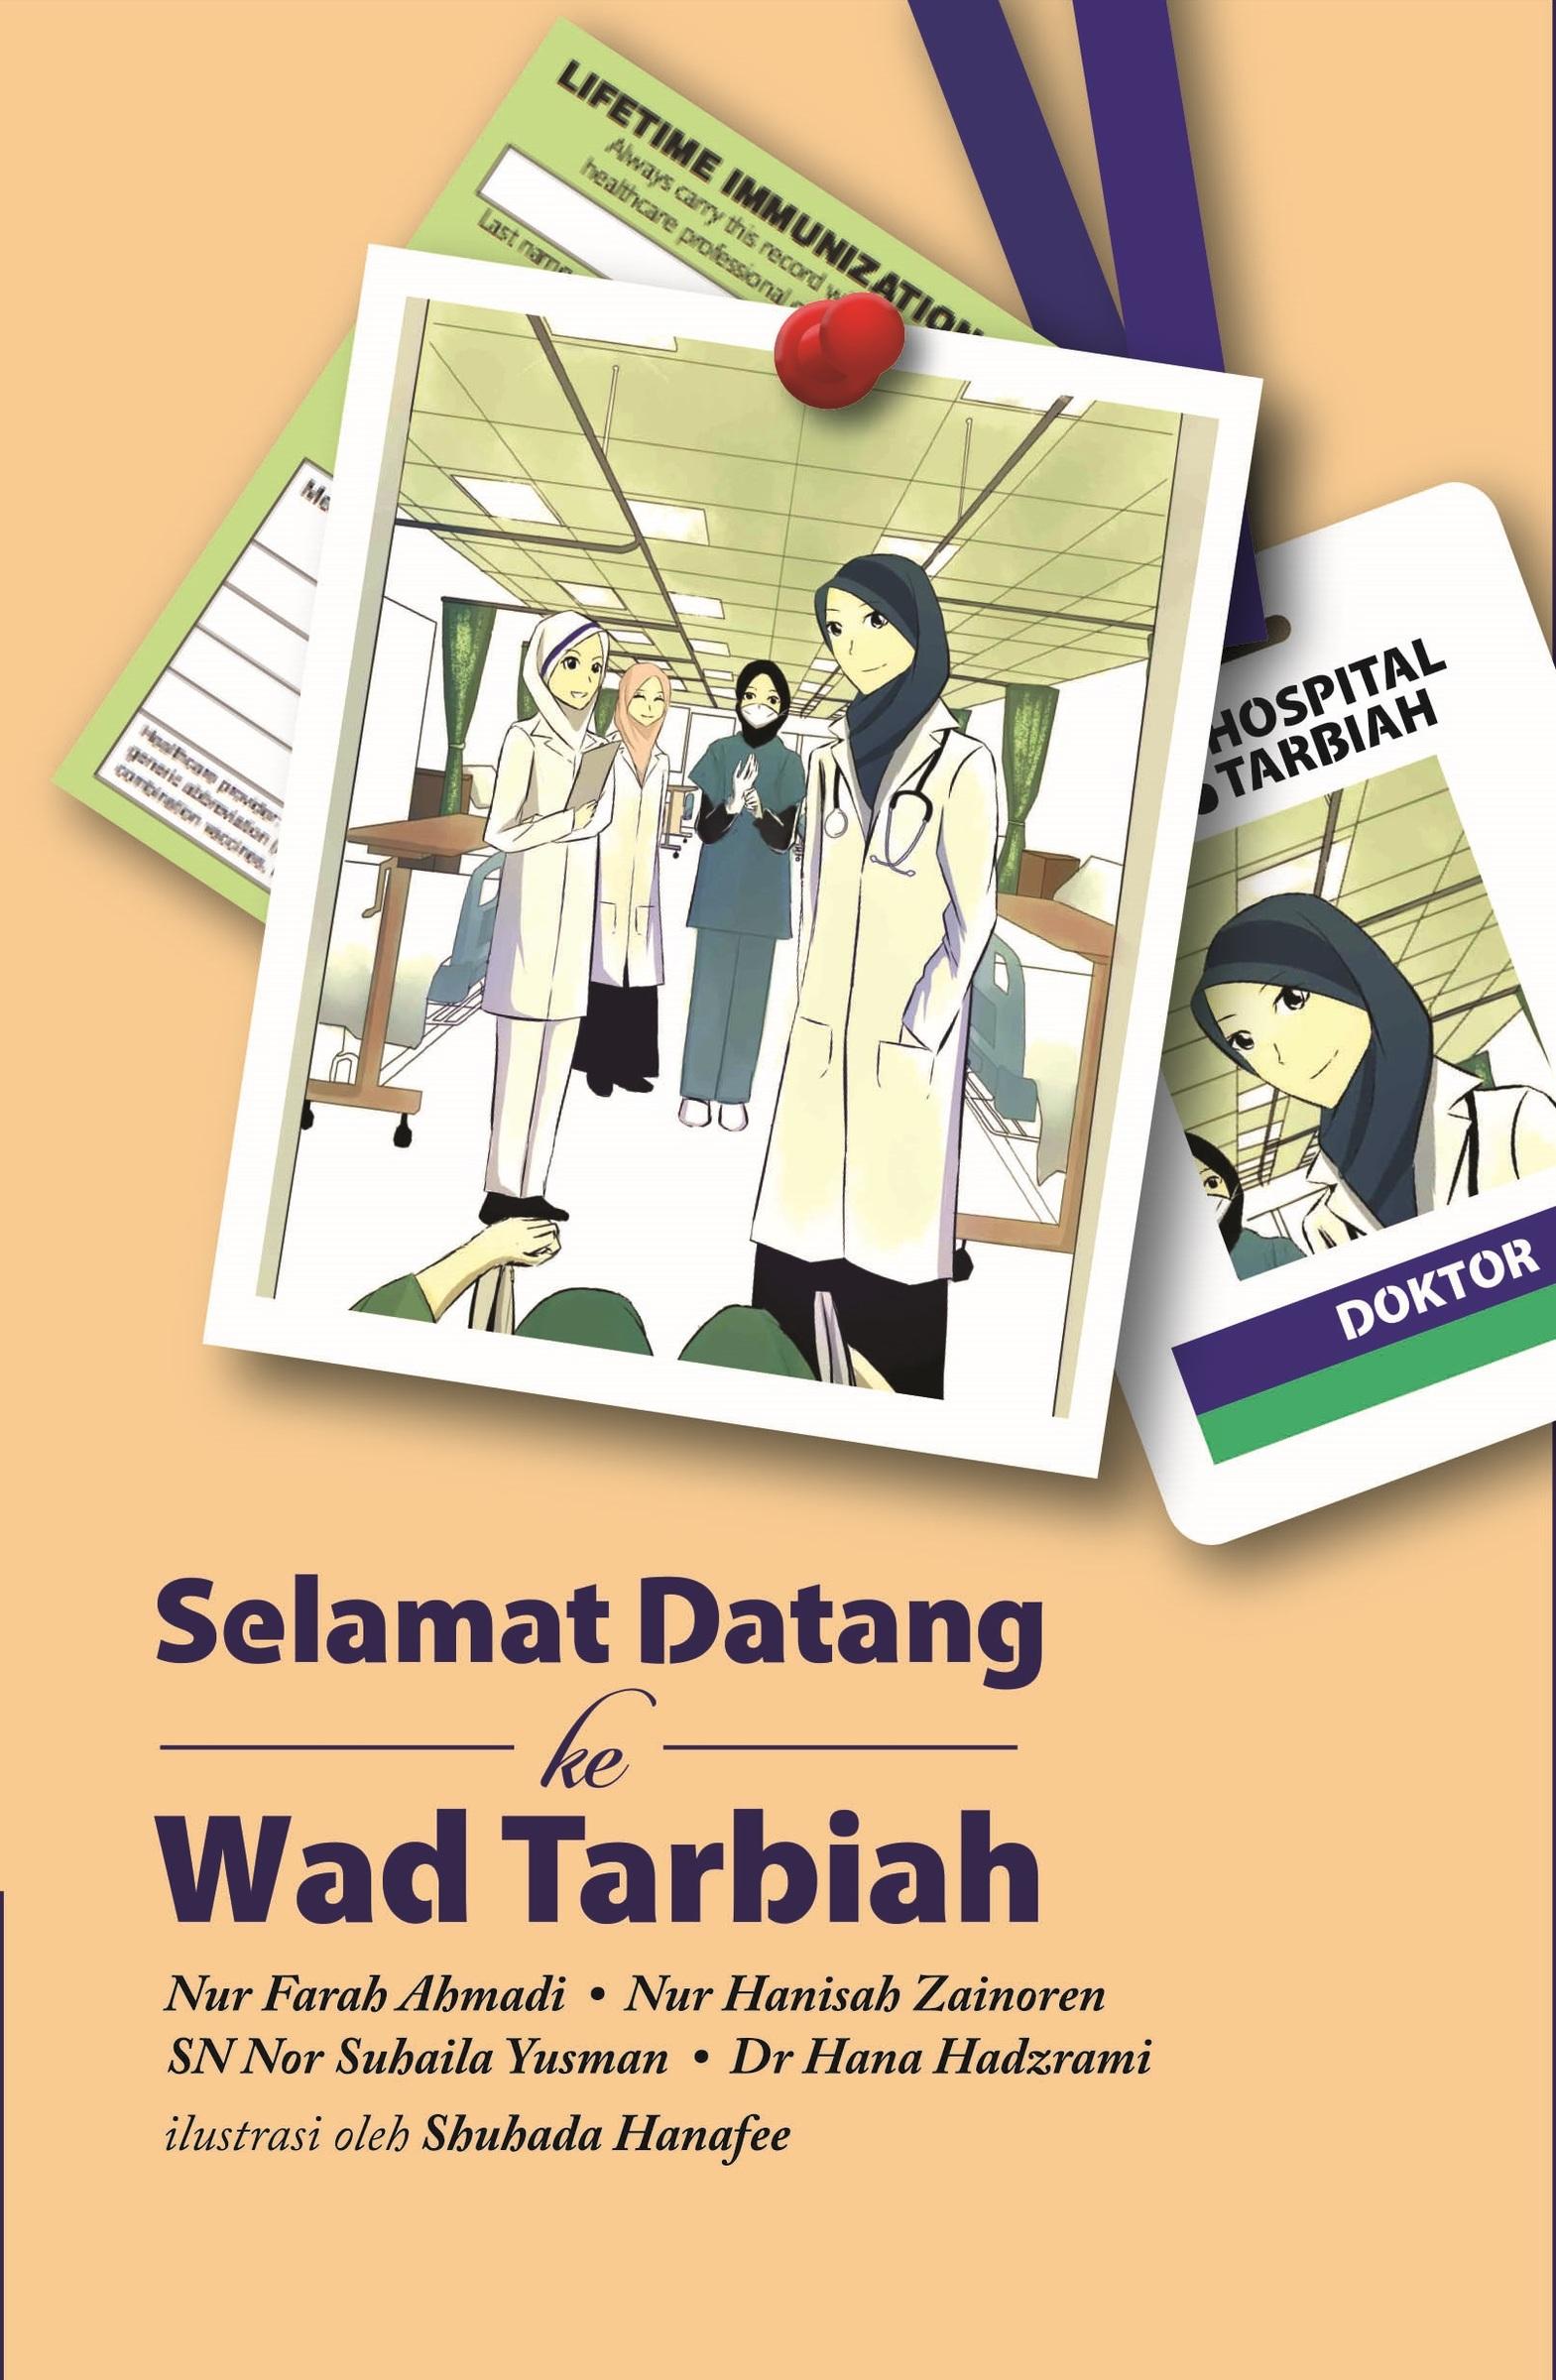 WadTarbiah_Apr17-OL.jpg